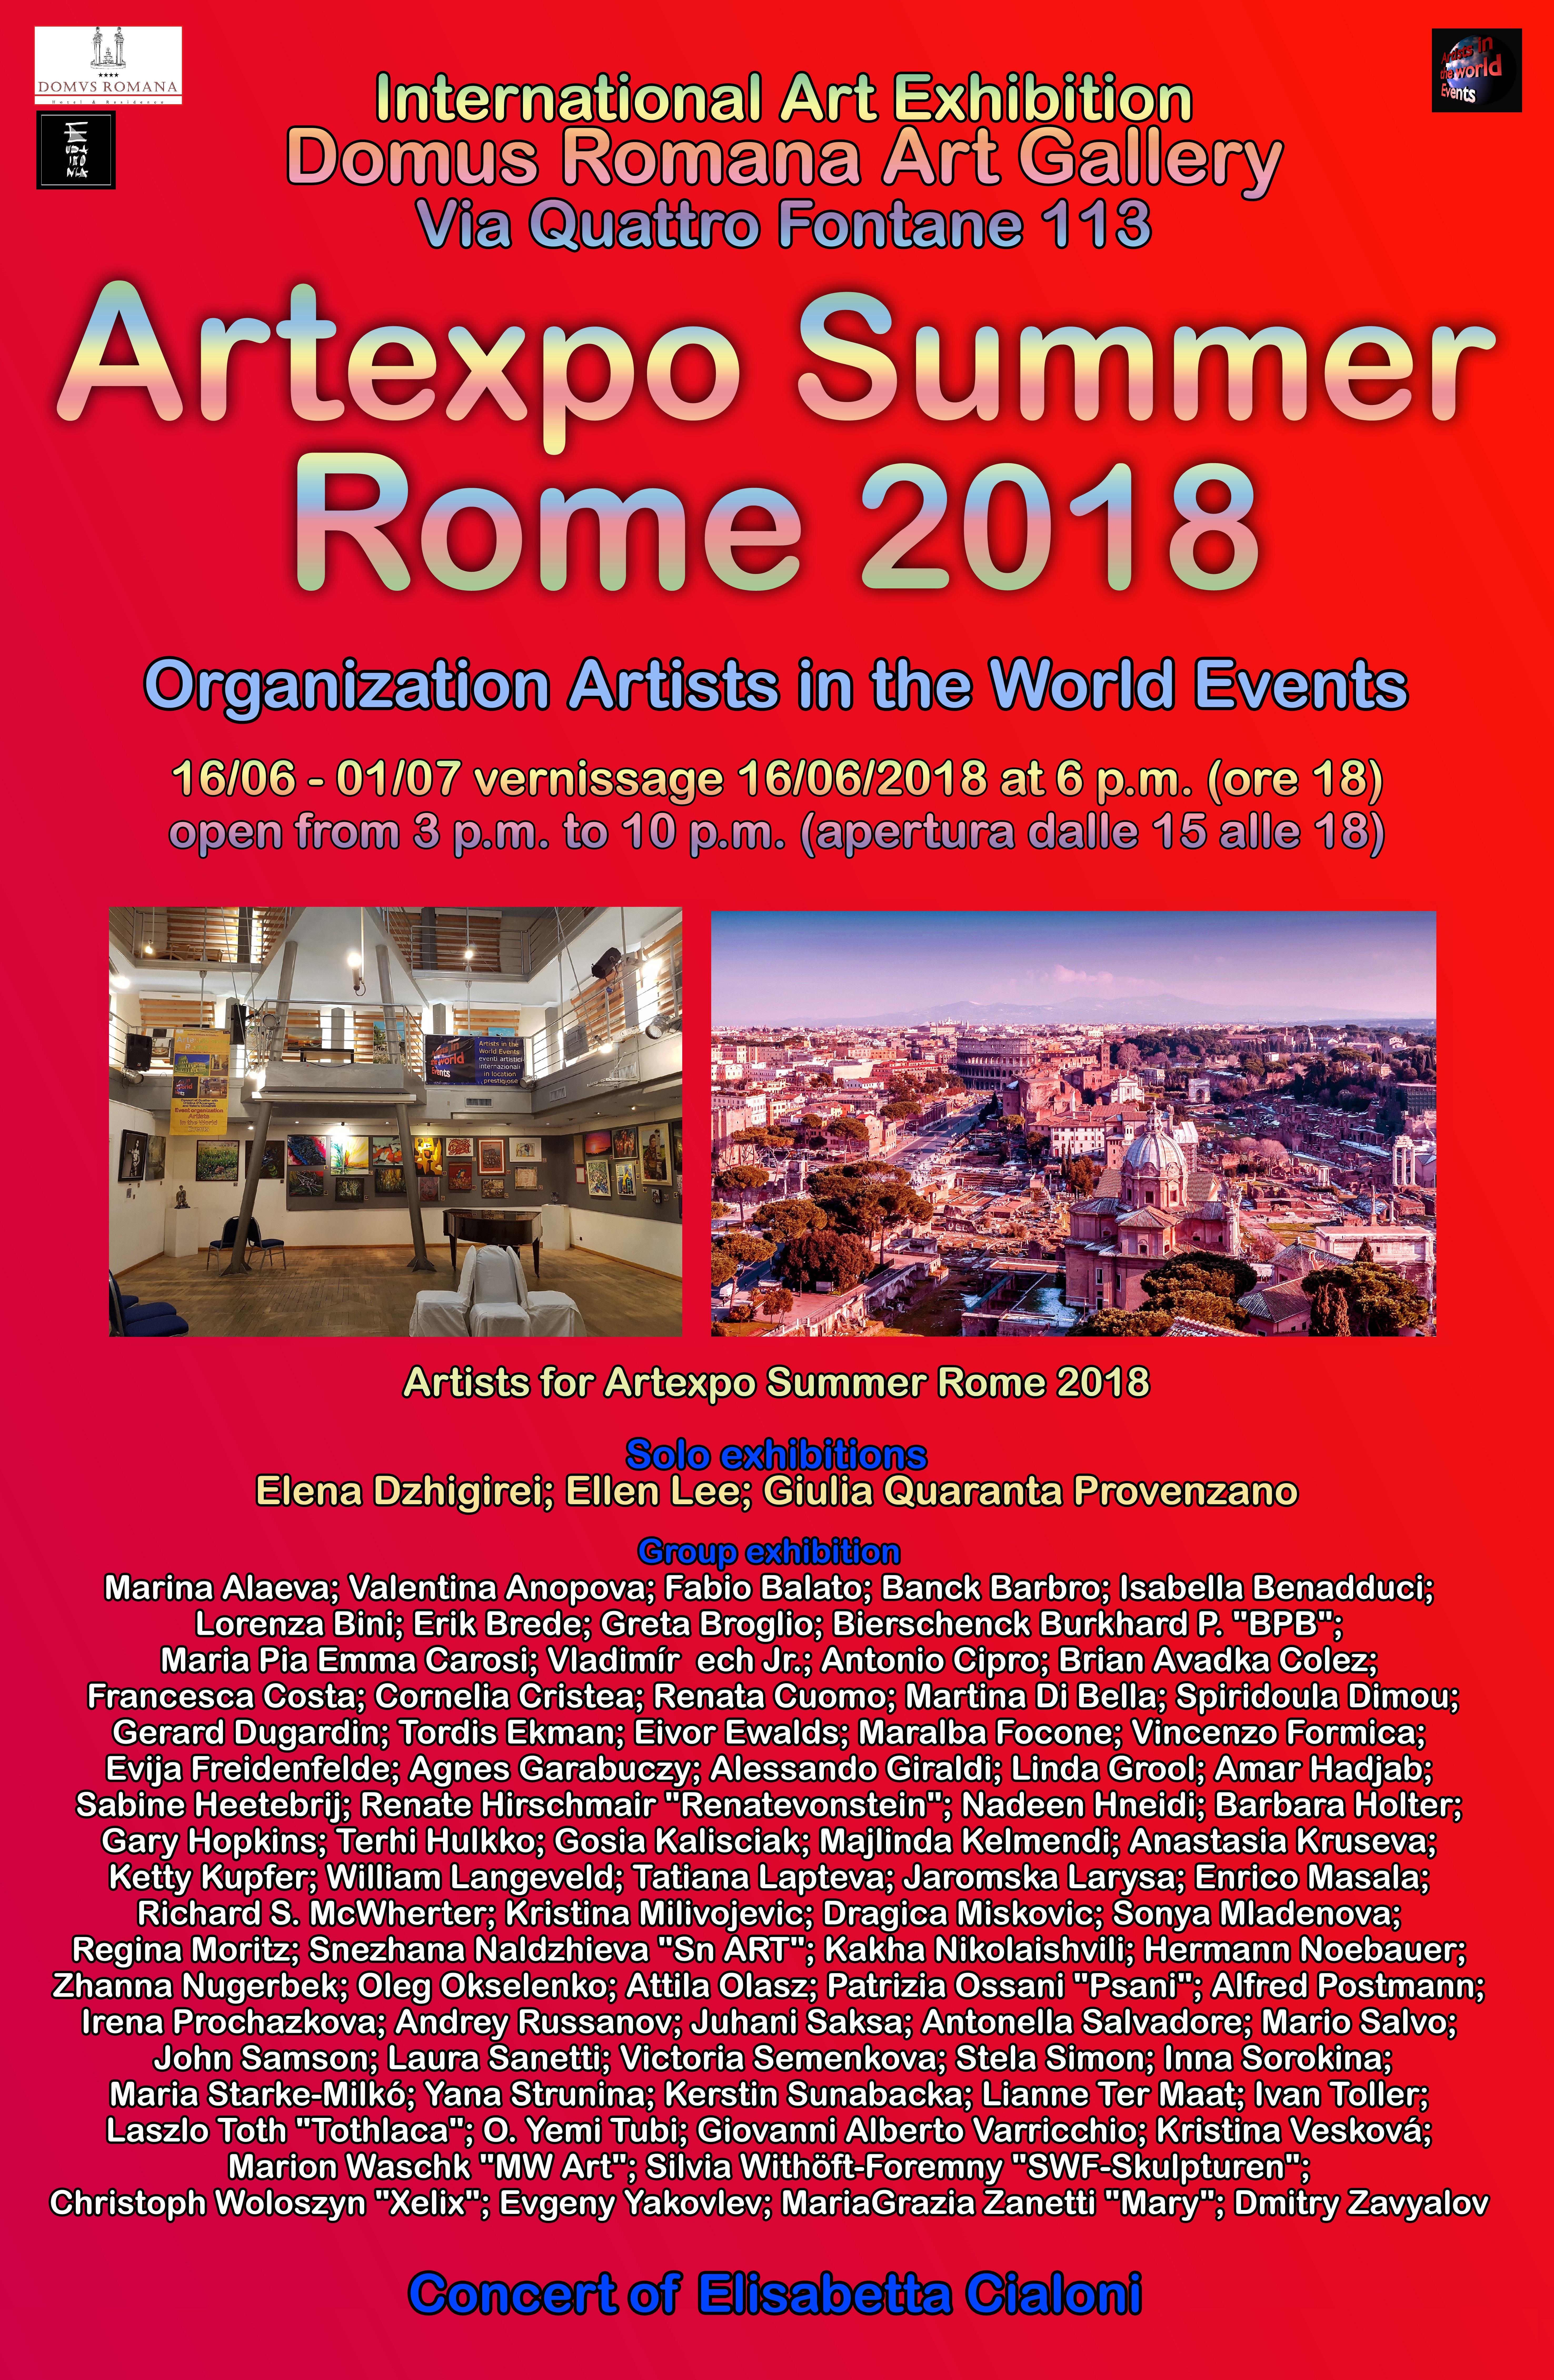 MW Art Marion Waschk auf der Artexpo Summer Rome 2018